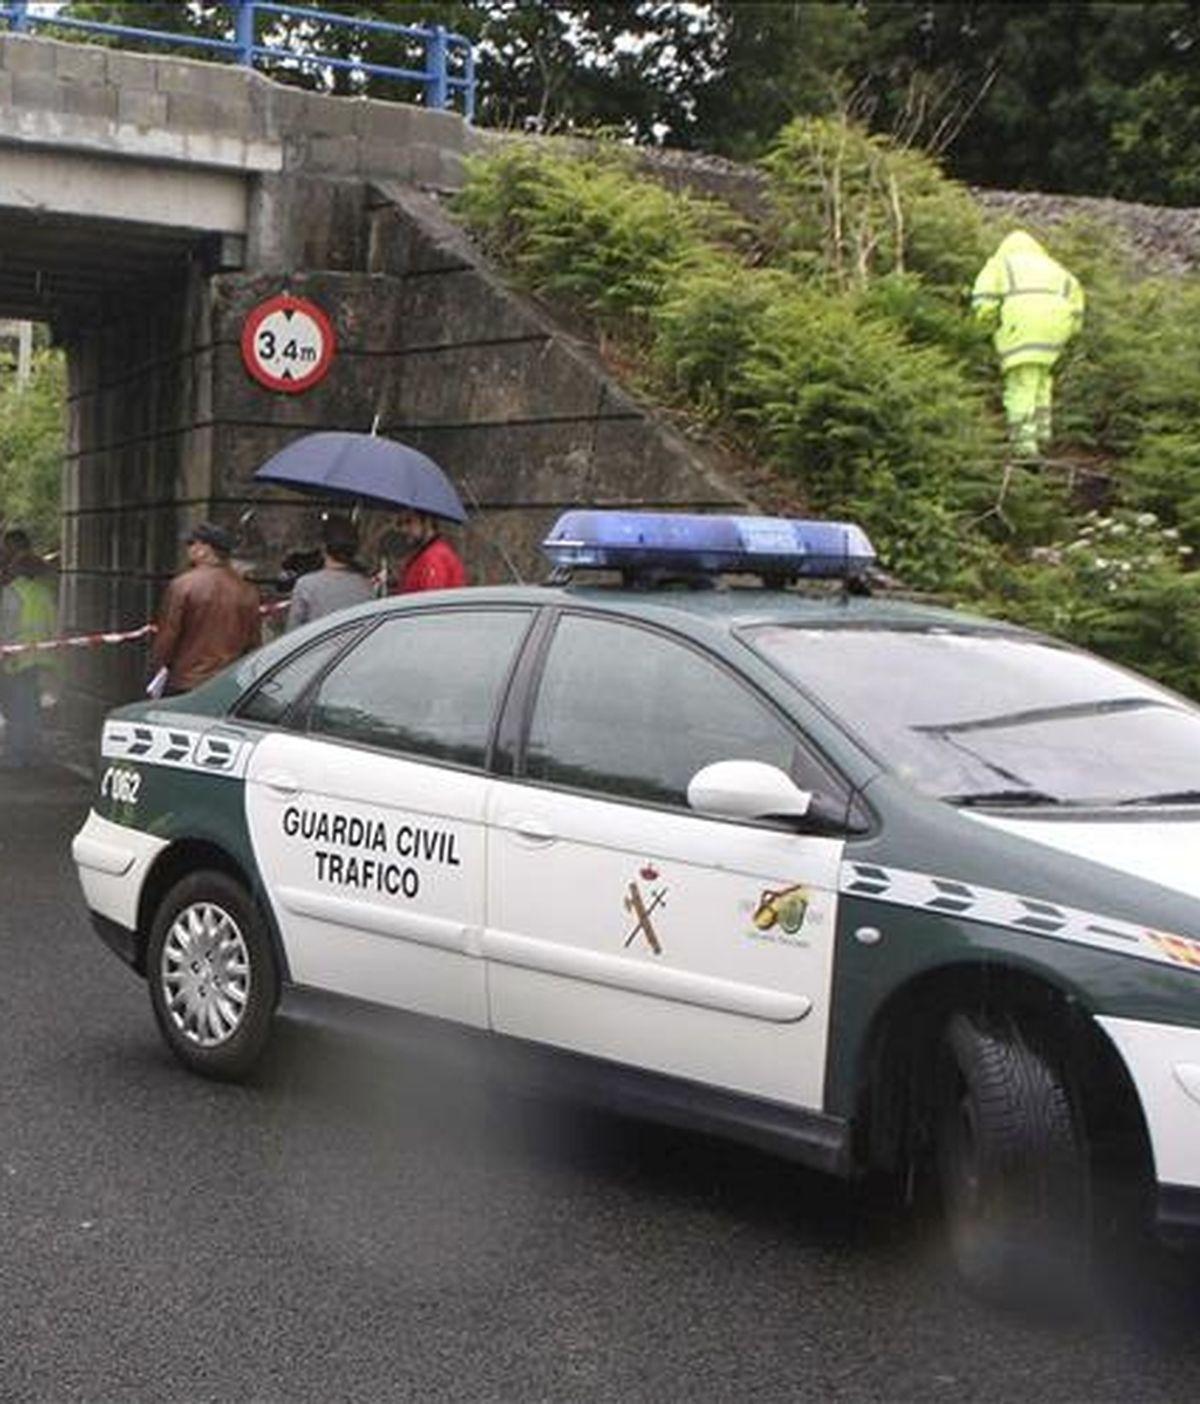 Agentes de la Guardia Civil de Tráfico acordonan una zona durante un operativo por un accidente de tráfico. EFE/Archivo